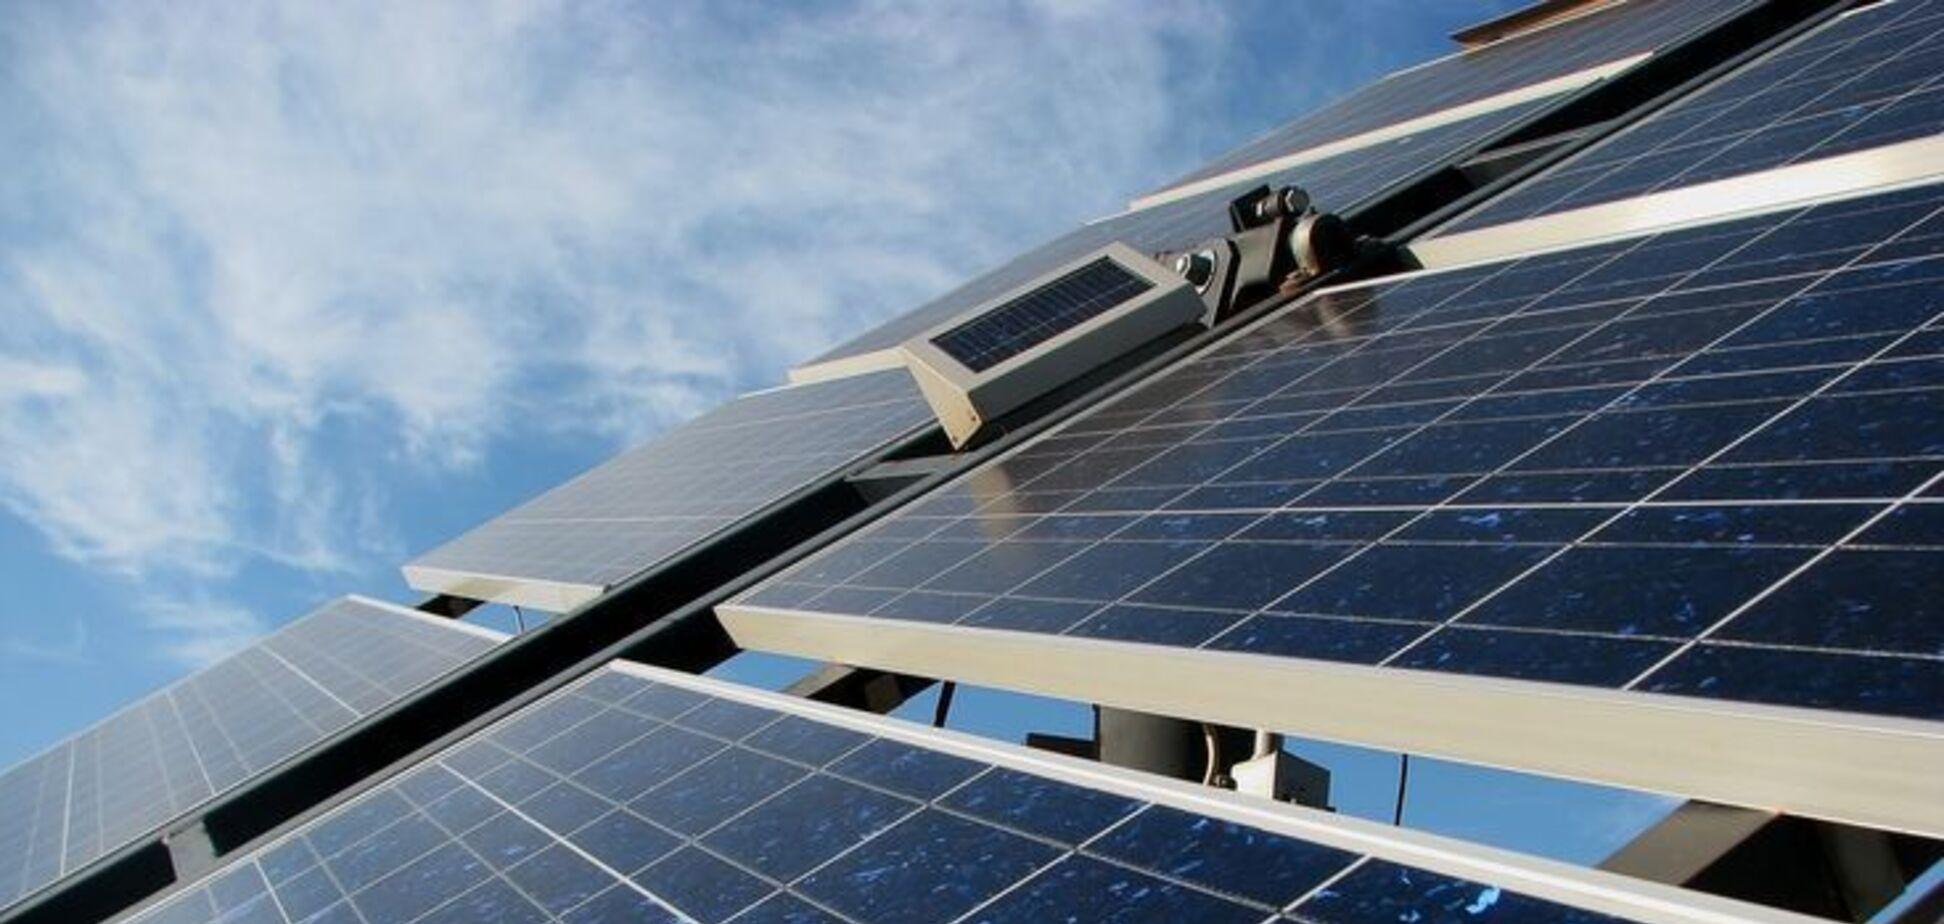 Світовий рекорд: у Китаї показали найпотужніші сонячні панелі